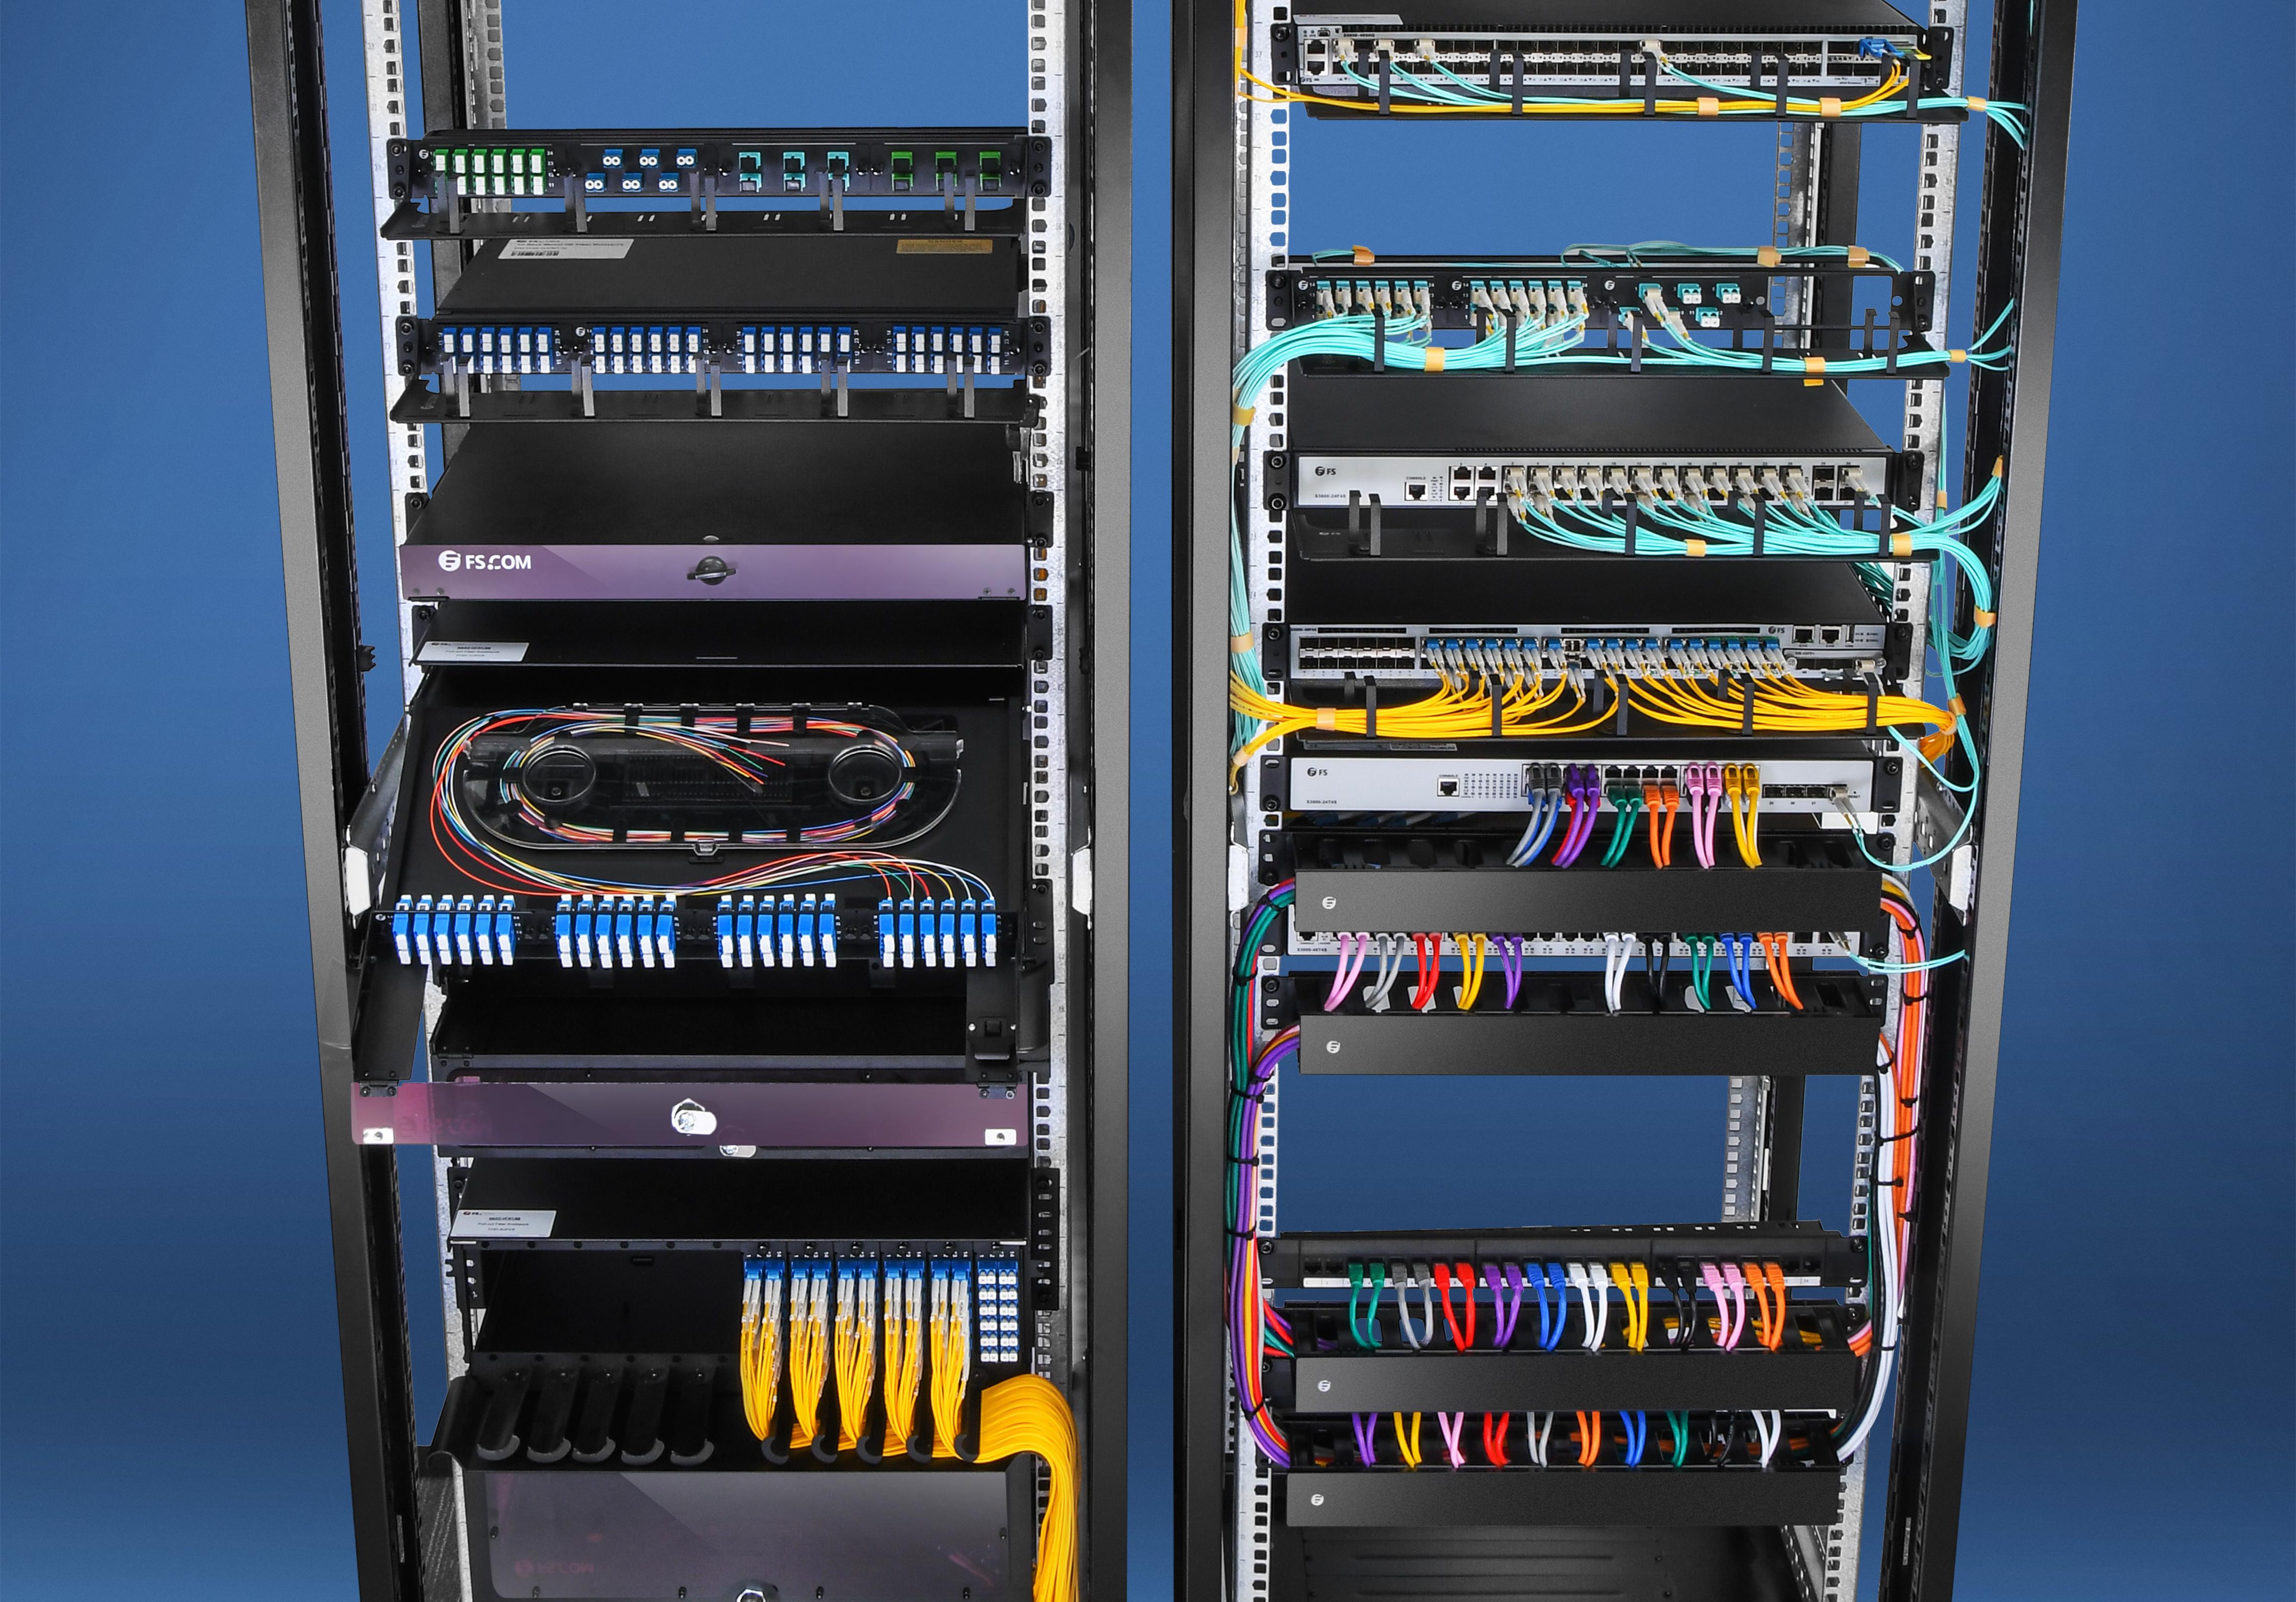 Accessoires installés dans un rack de serveur